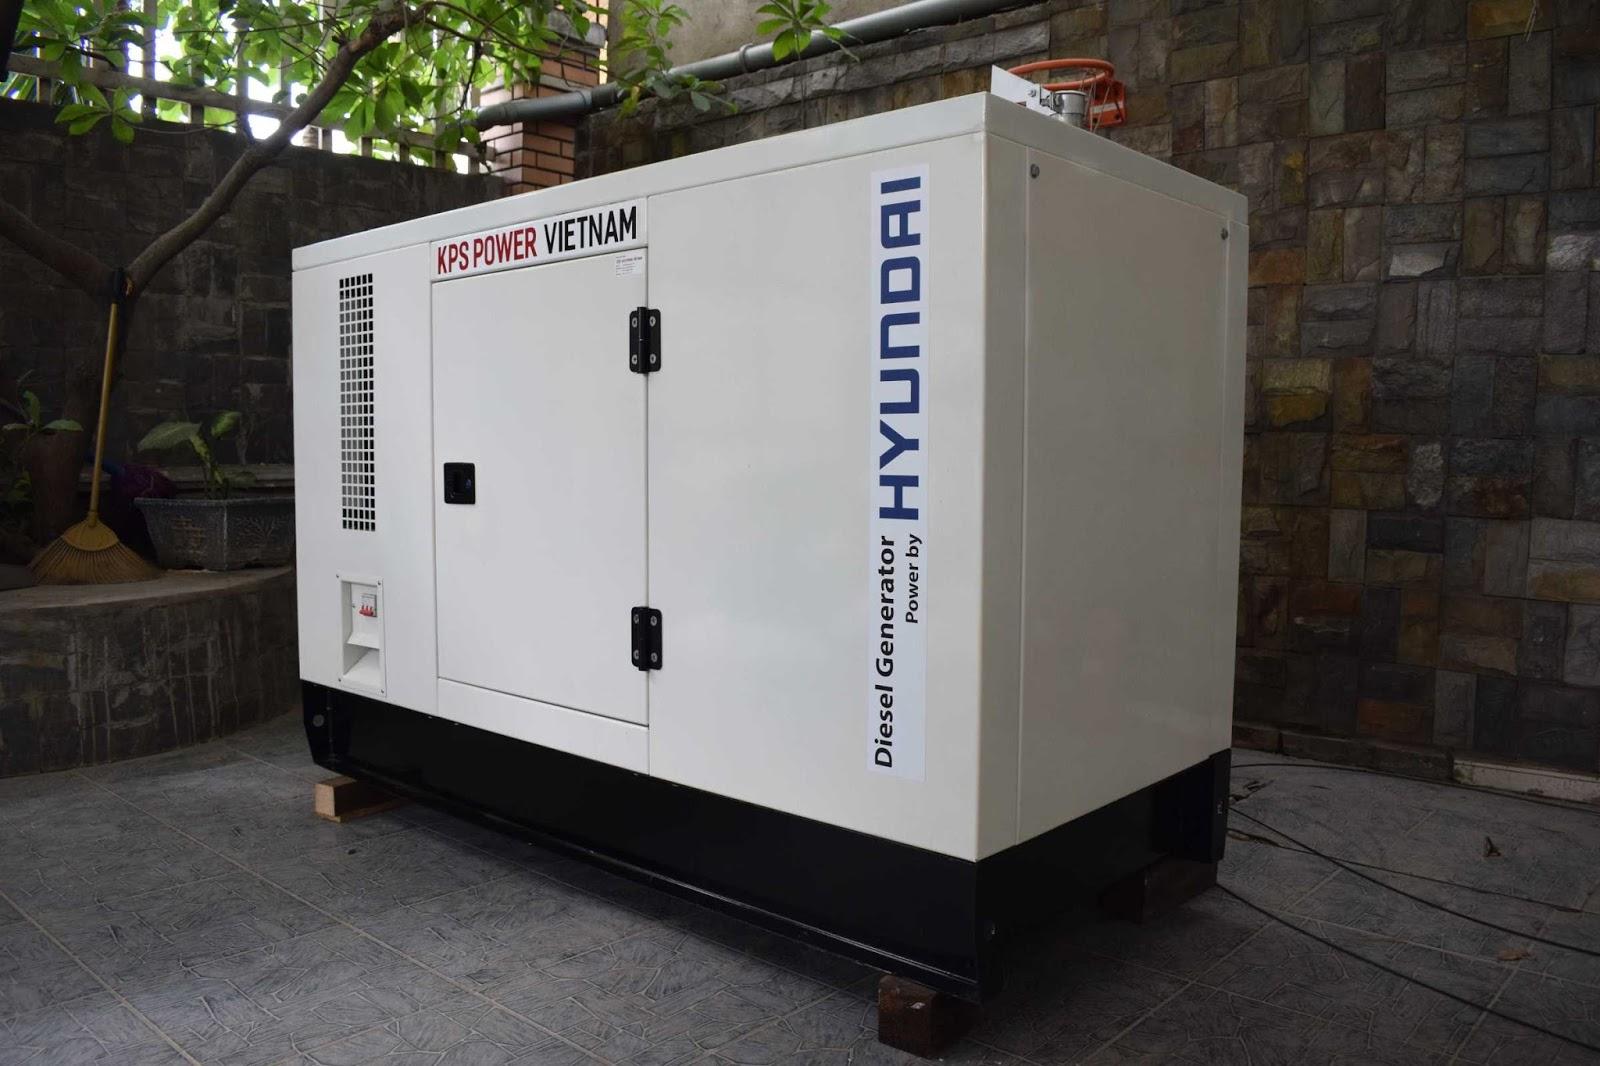 Cách nhận biết máy phát điện sử dụng động cơ Hyundai chính hãng